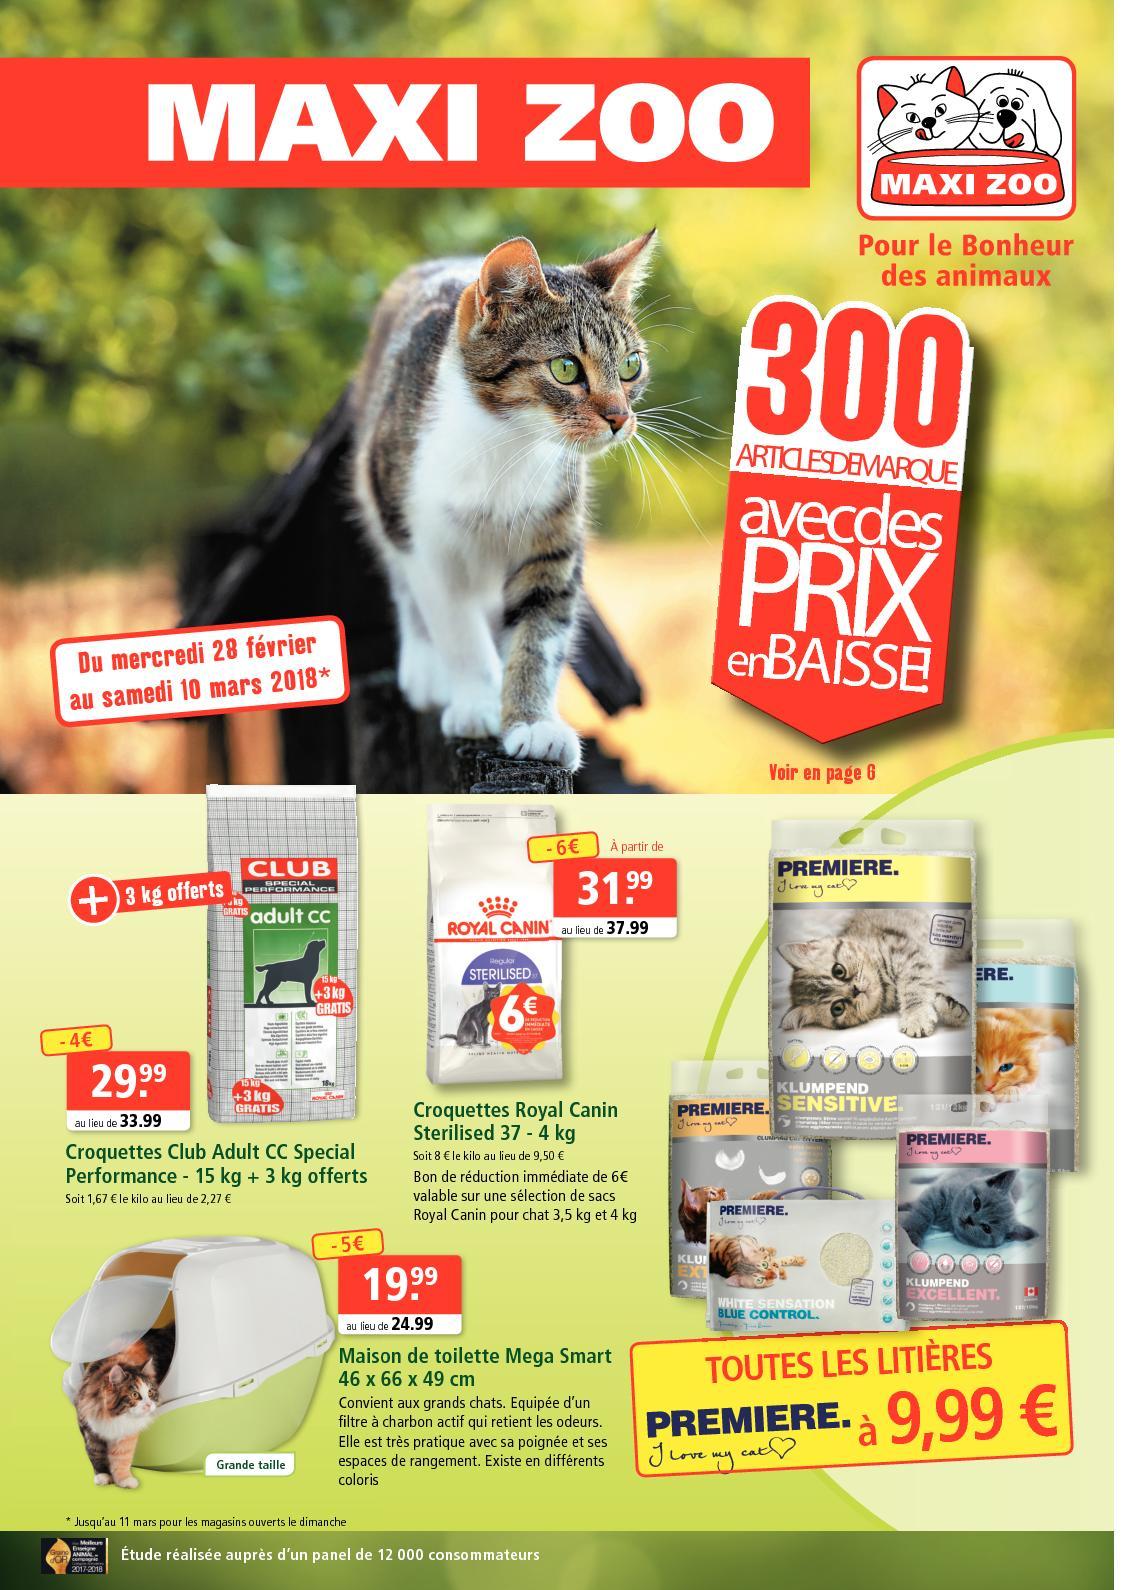 7721cfdd322dc1 Calaméo - Des promotions pour vos animaux